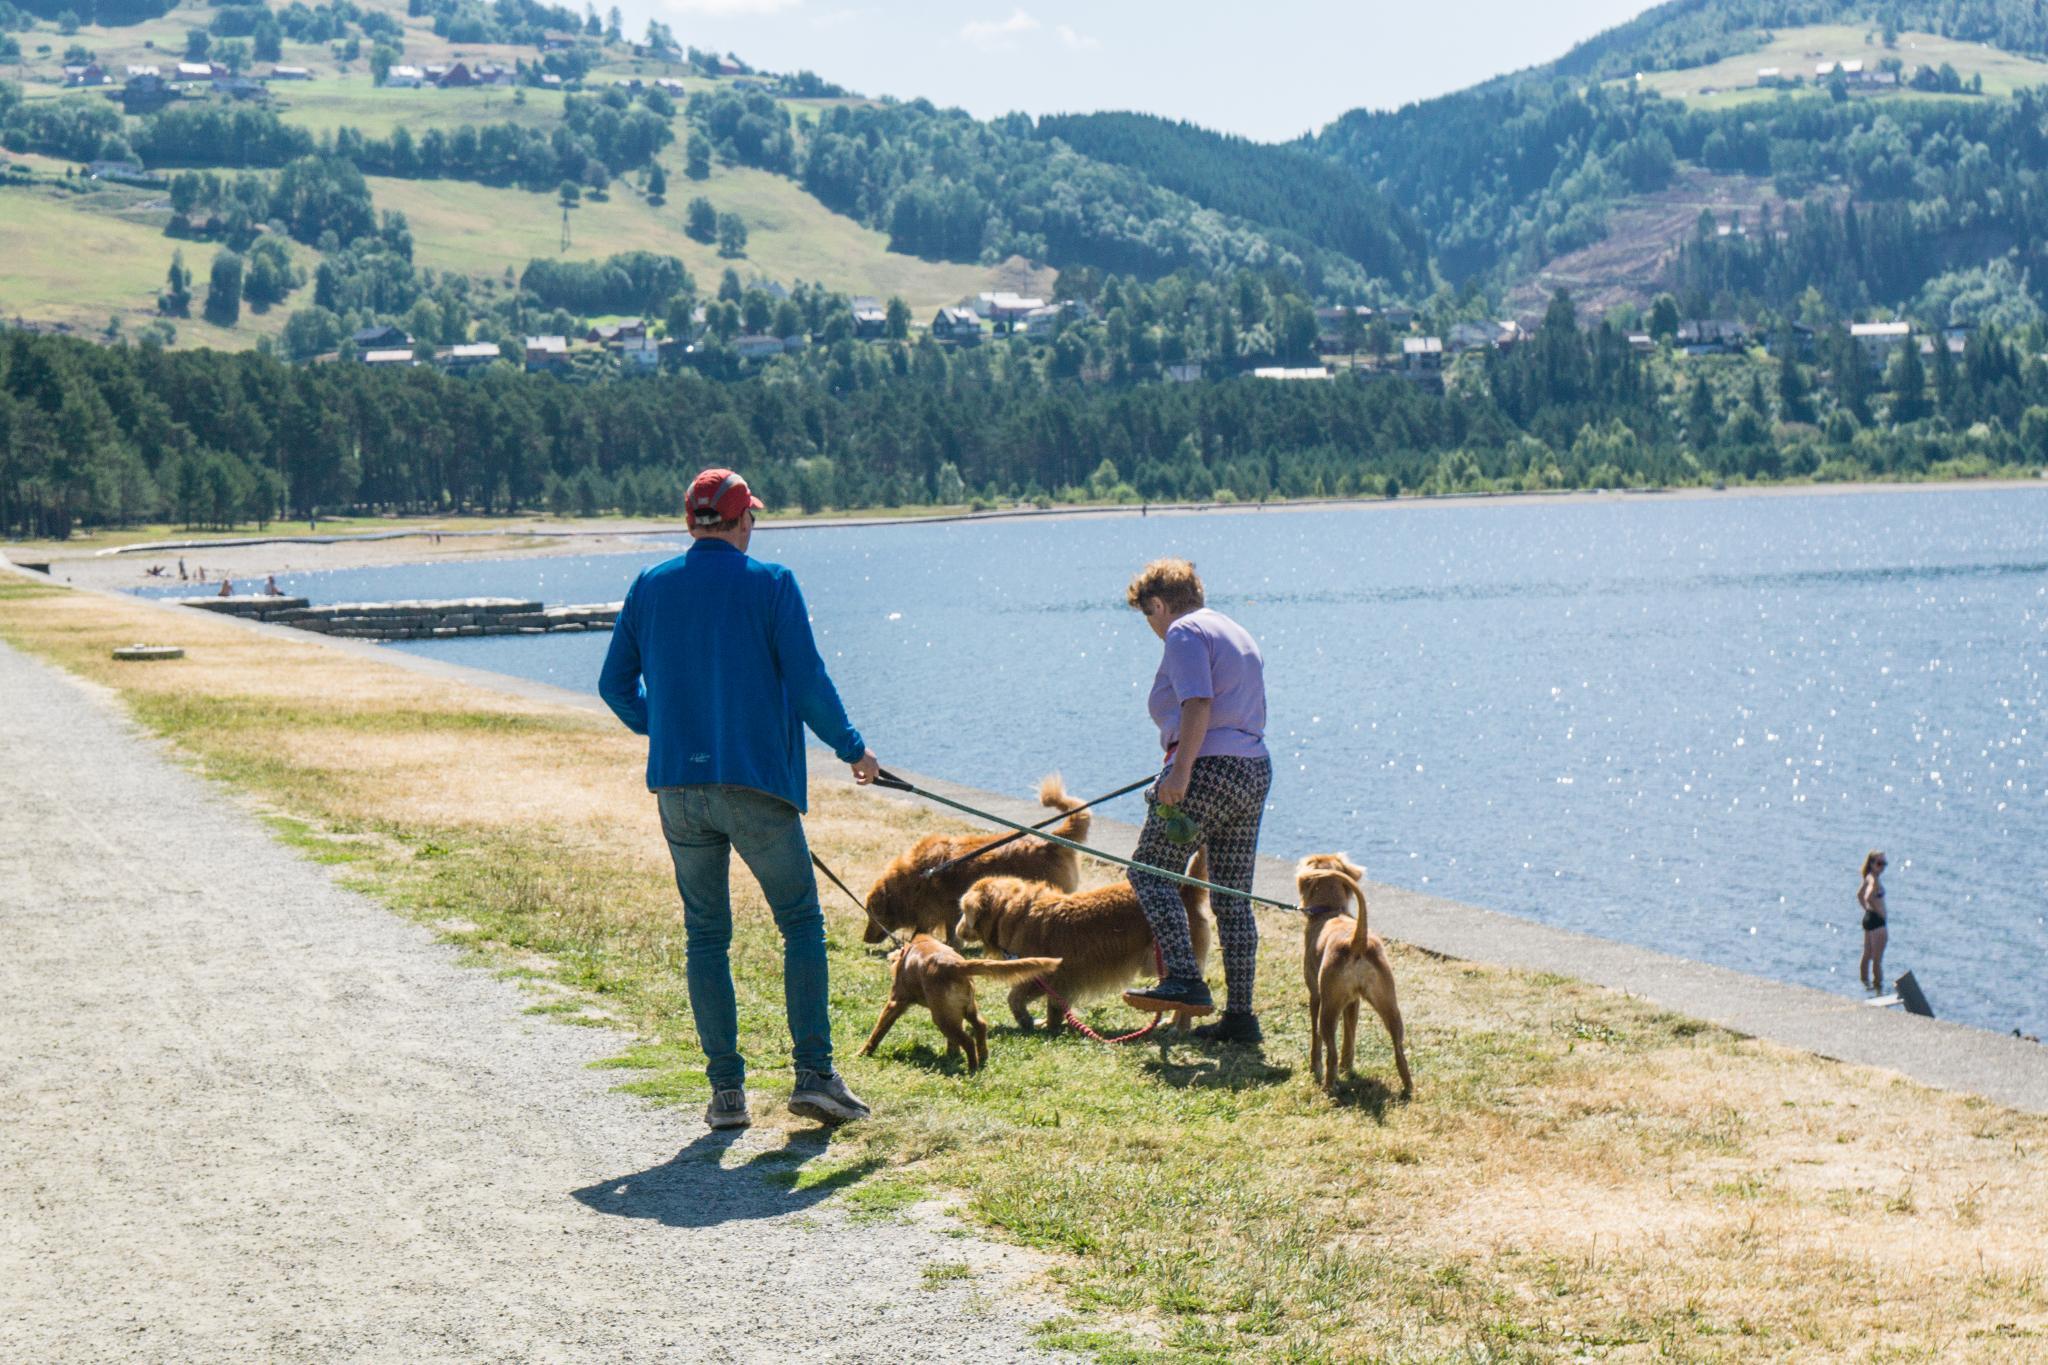 【北歐景點】挪威VOSS小鎮 — 探訪世界最純淨泉水產地 9